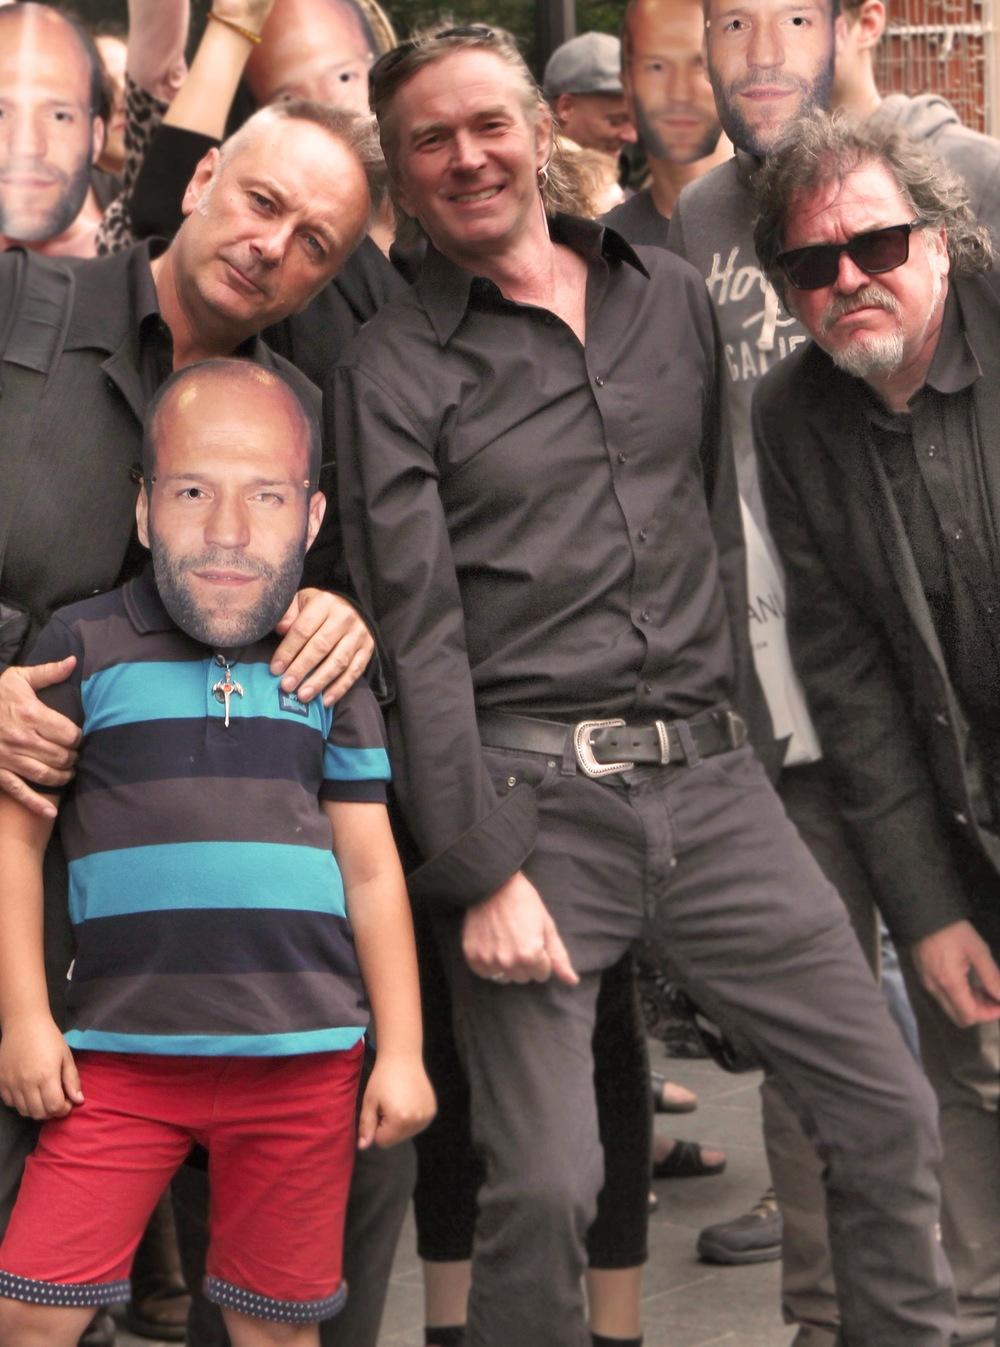 MWV at The Jason Statham/Spy premiere-Photo: Christina Jansen